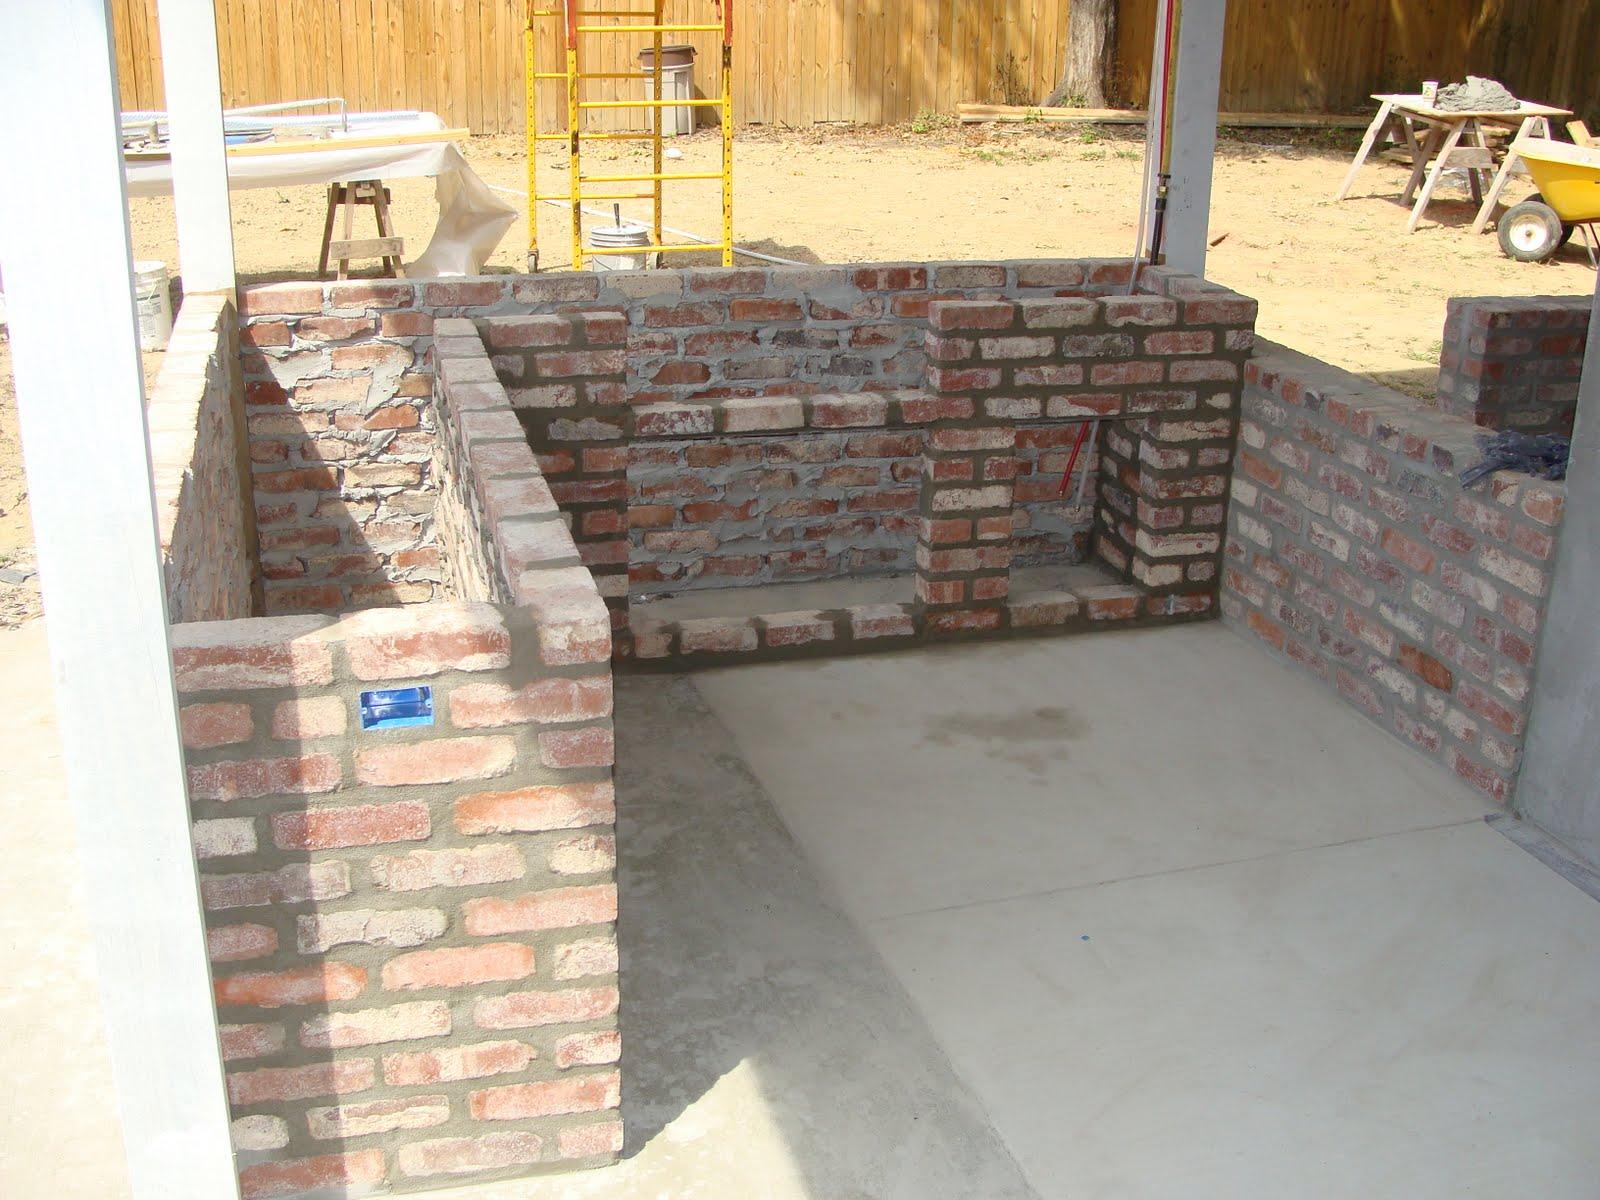 The Ross\': Painted brick, outdoor kitchen, backdoor...YEAH!